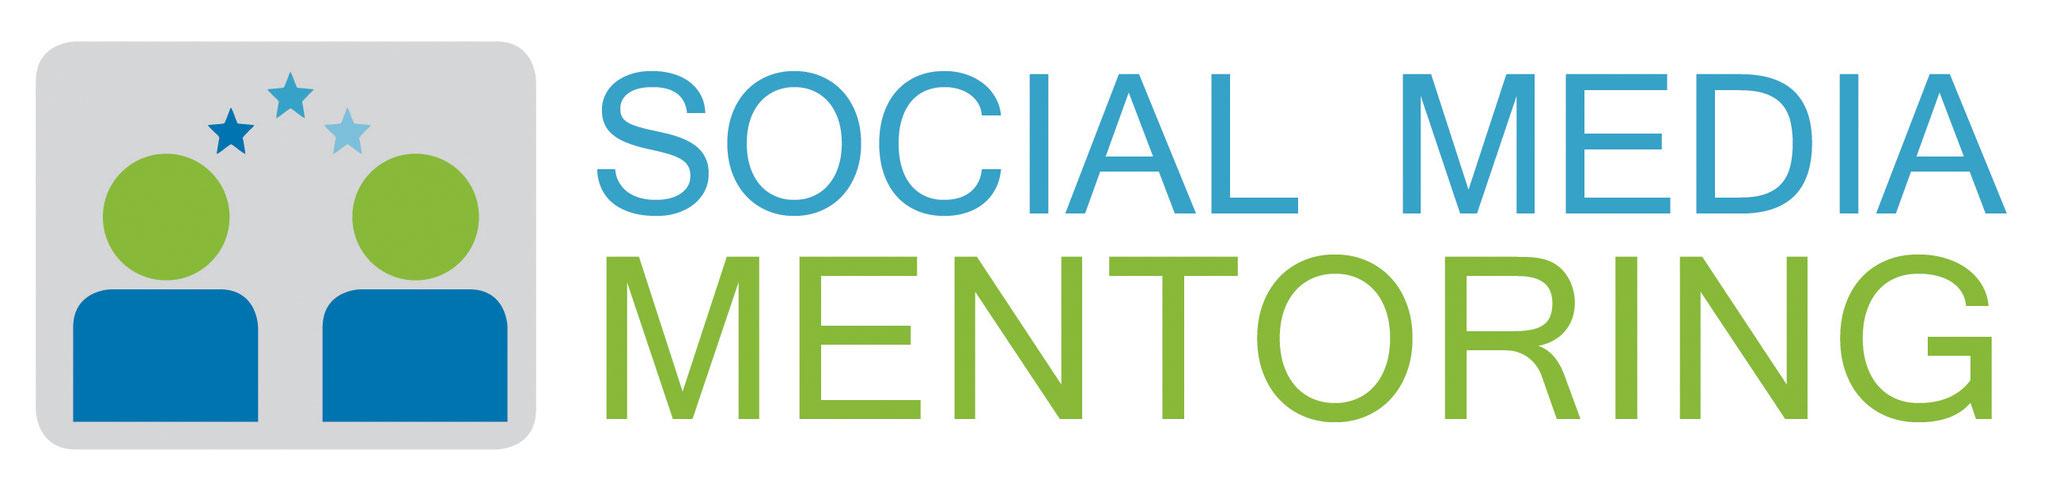 Social Media Mentoring: Logo-Design